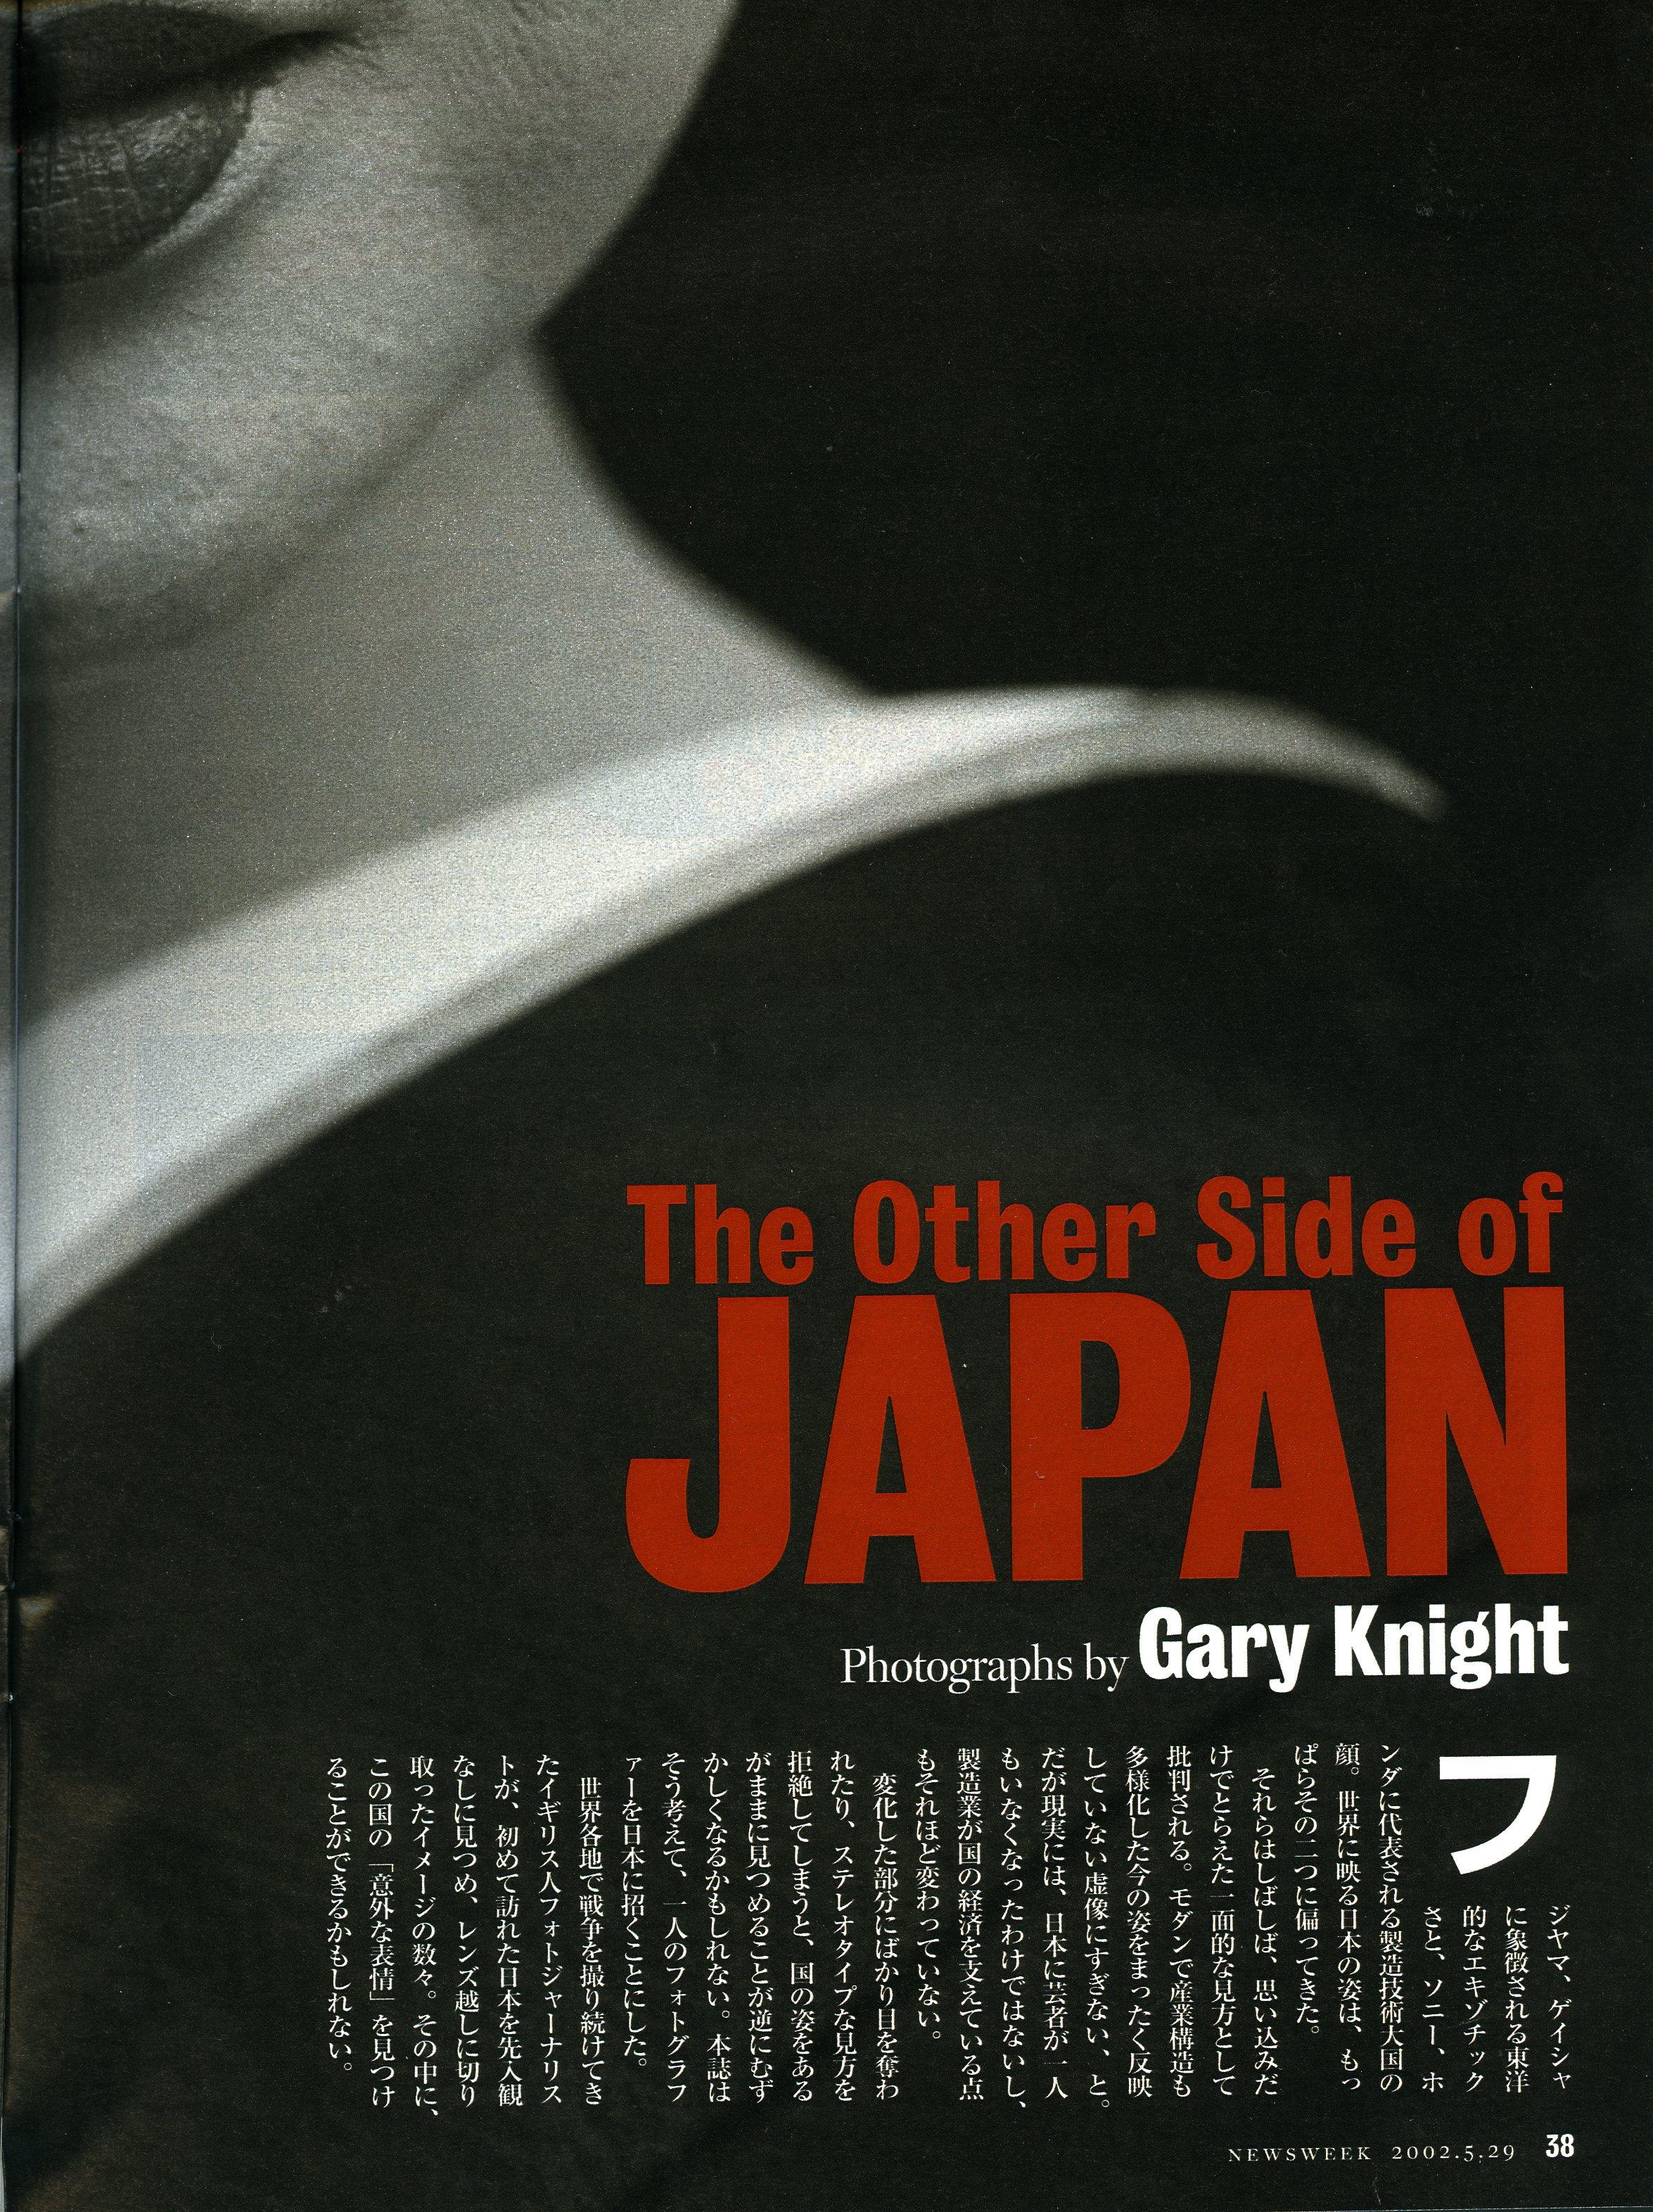 05292002_NEWSWEEK_JAPAN_1.jpg